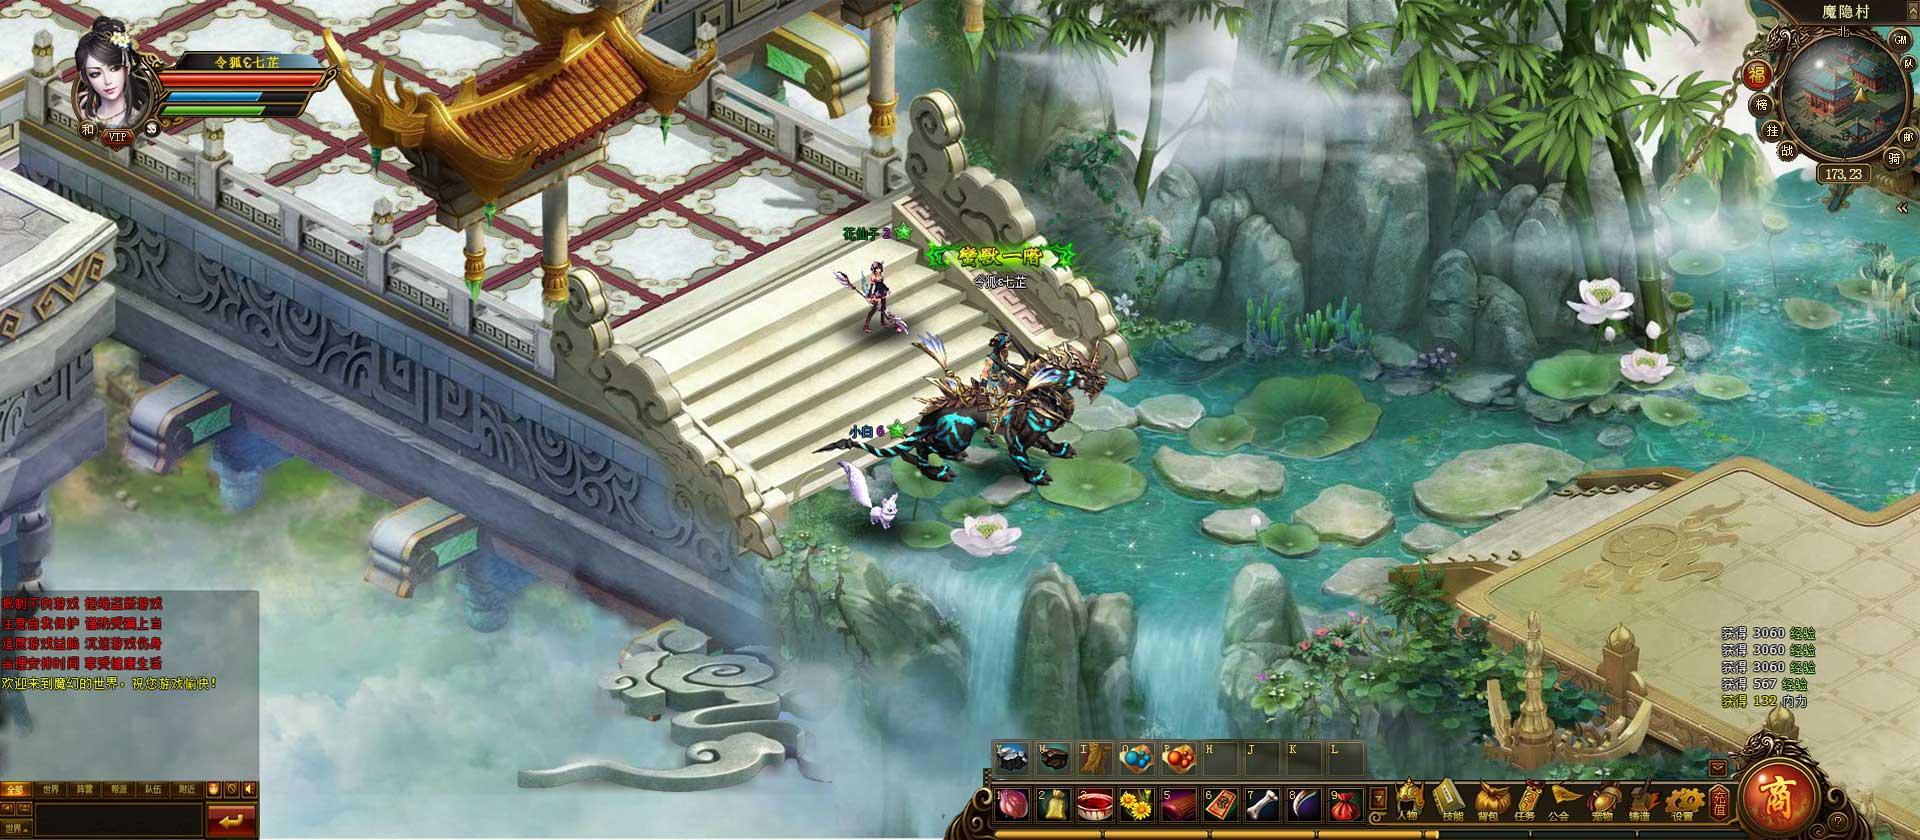 上古神话游戏截图1